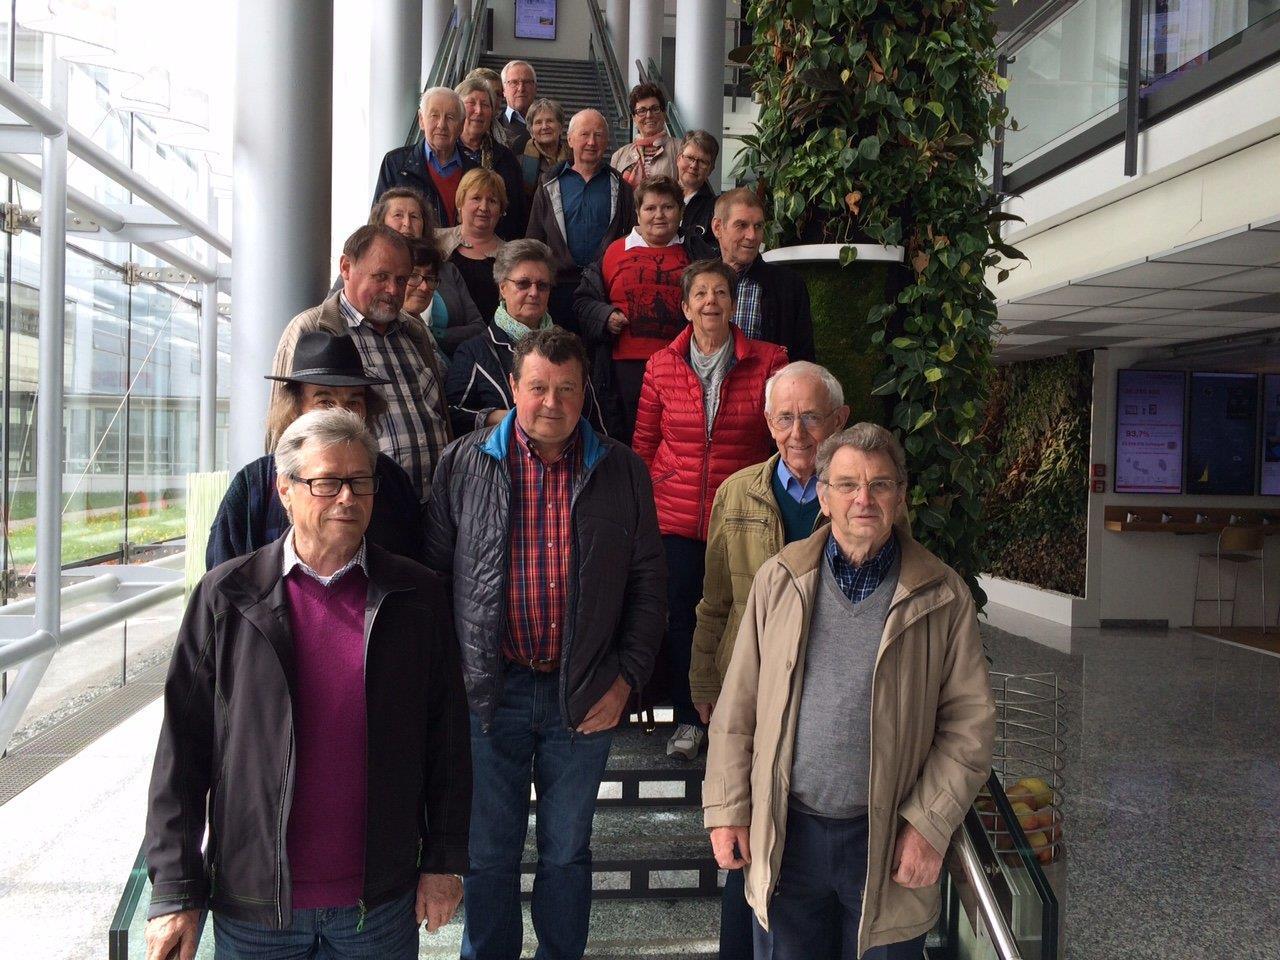 Bucher Seniorenausflug zu Russmedia nach Schwarzach.